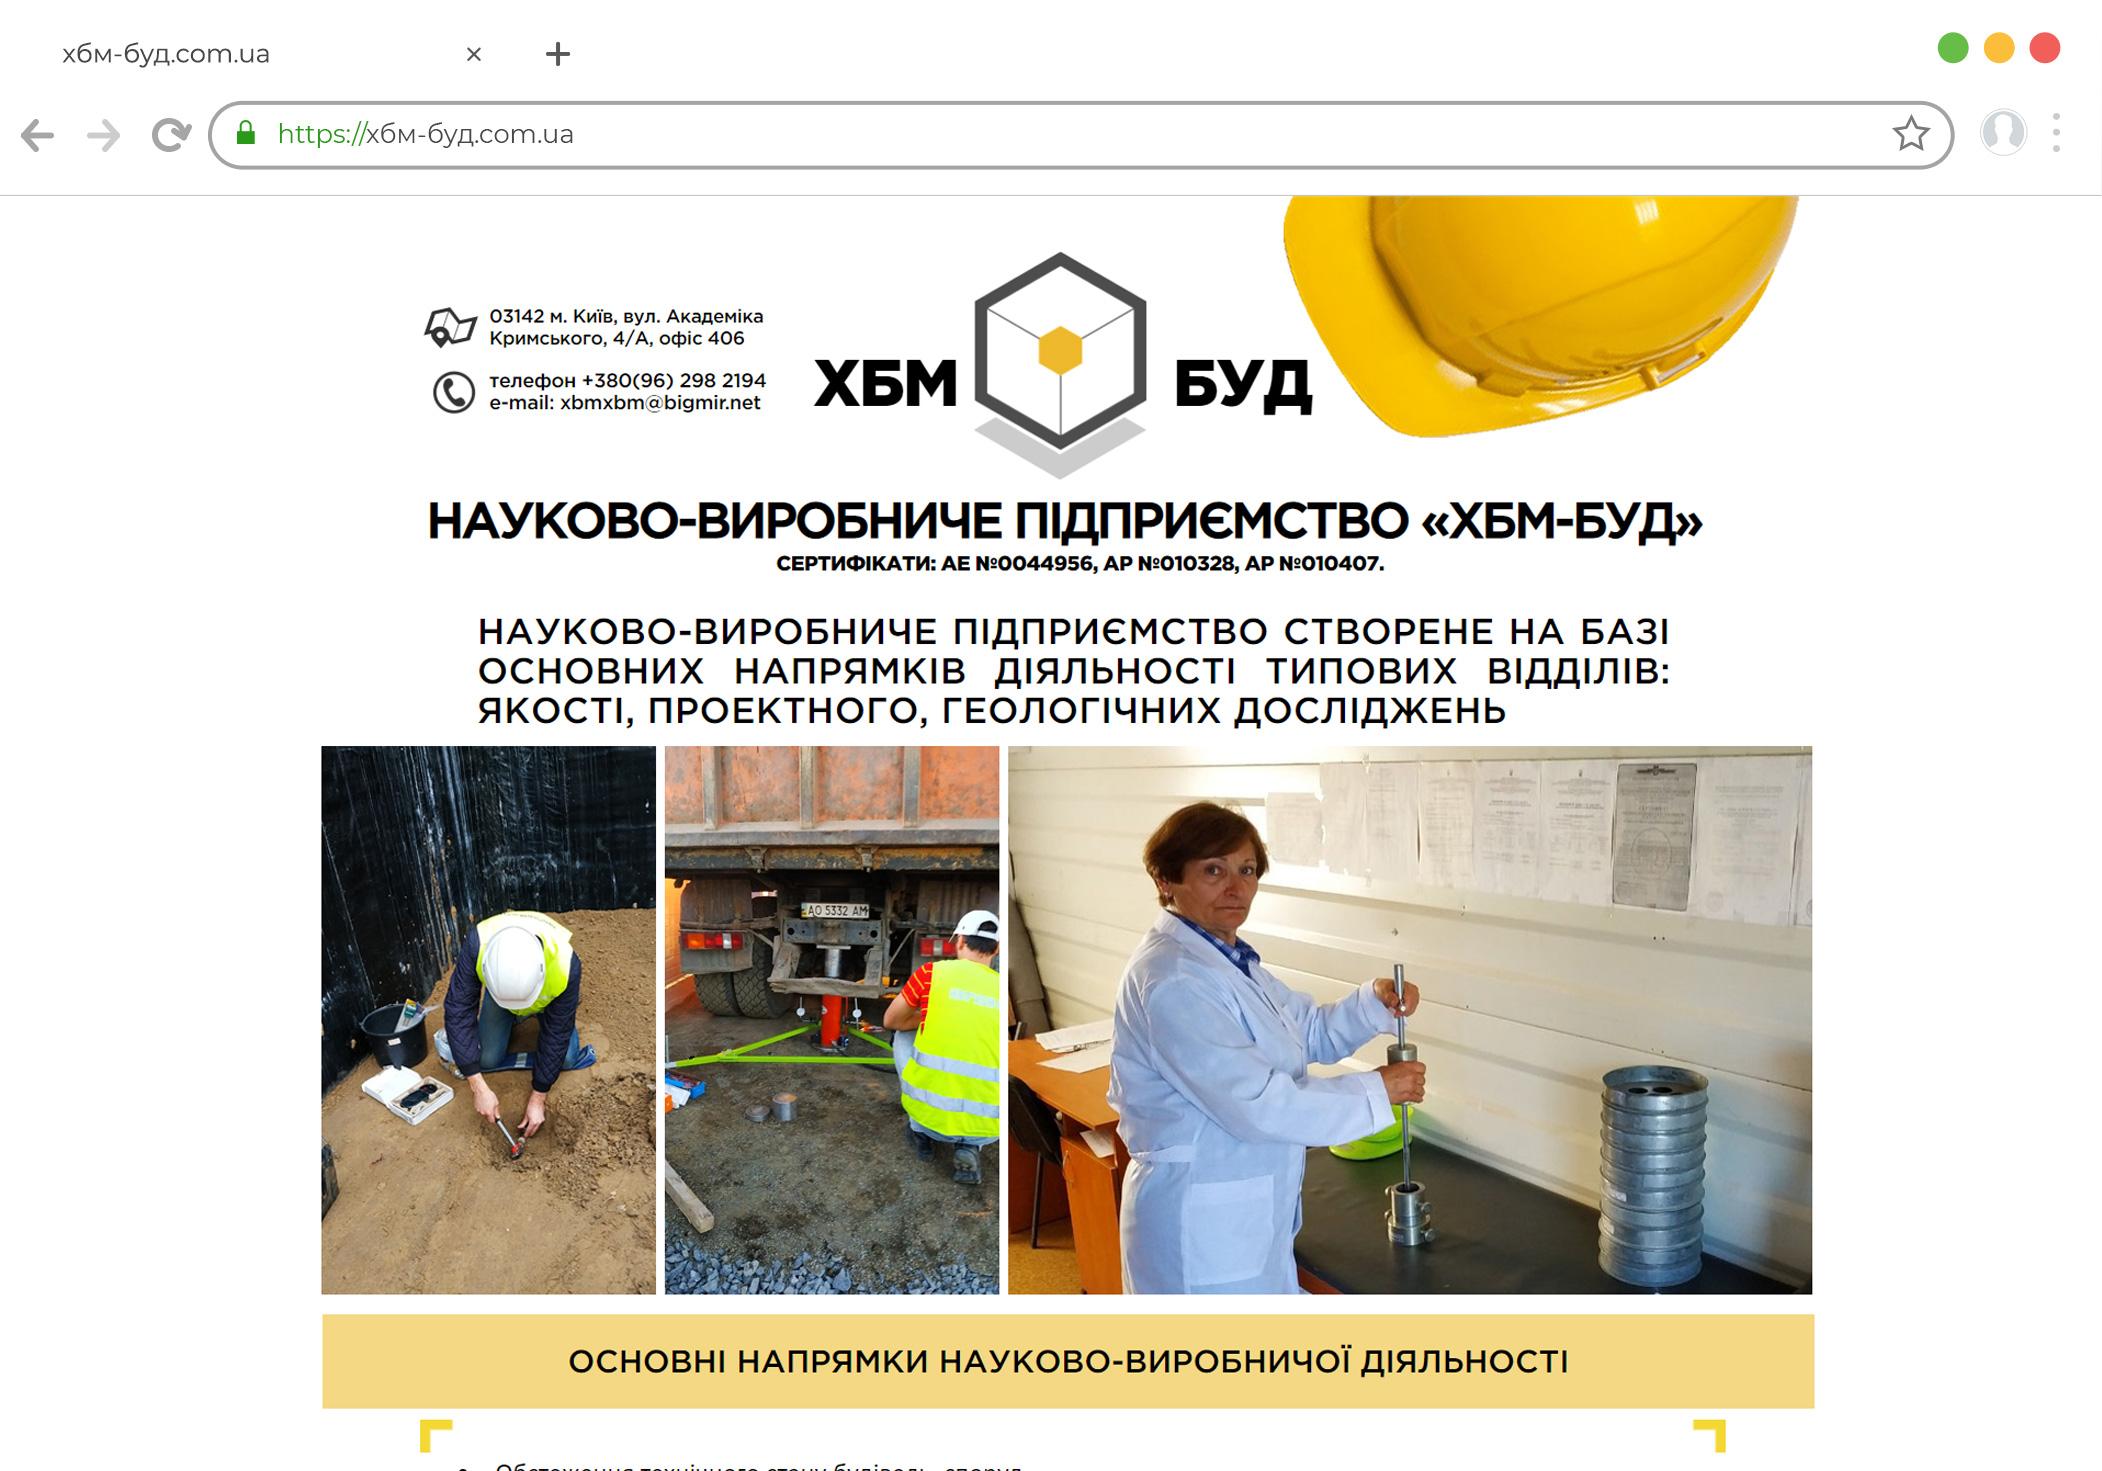 Сайт для науково-виробниче підприємство «ХБМ-БУД»